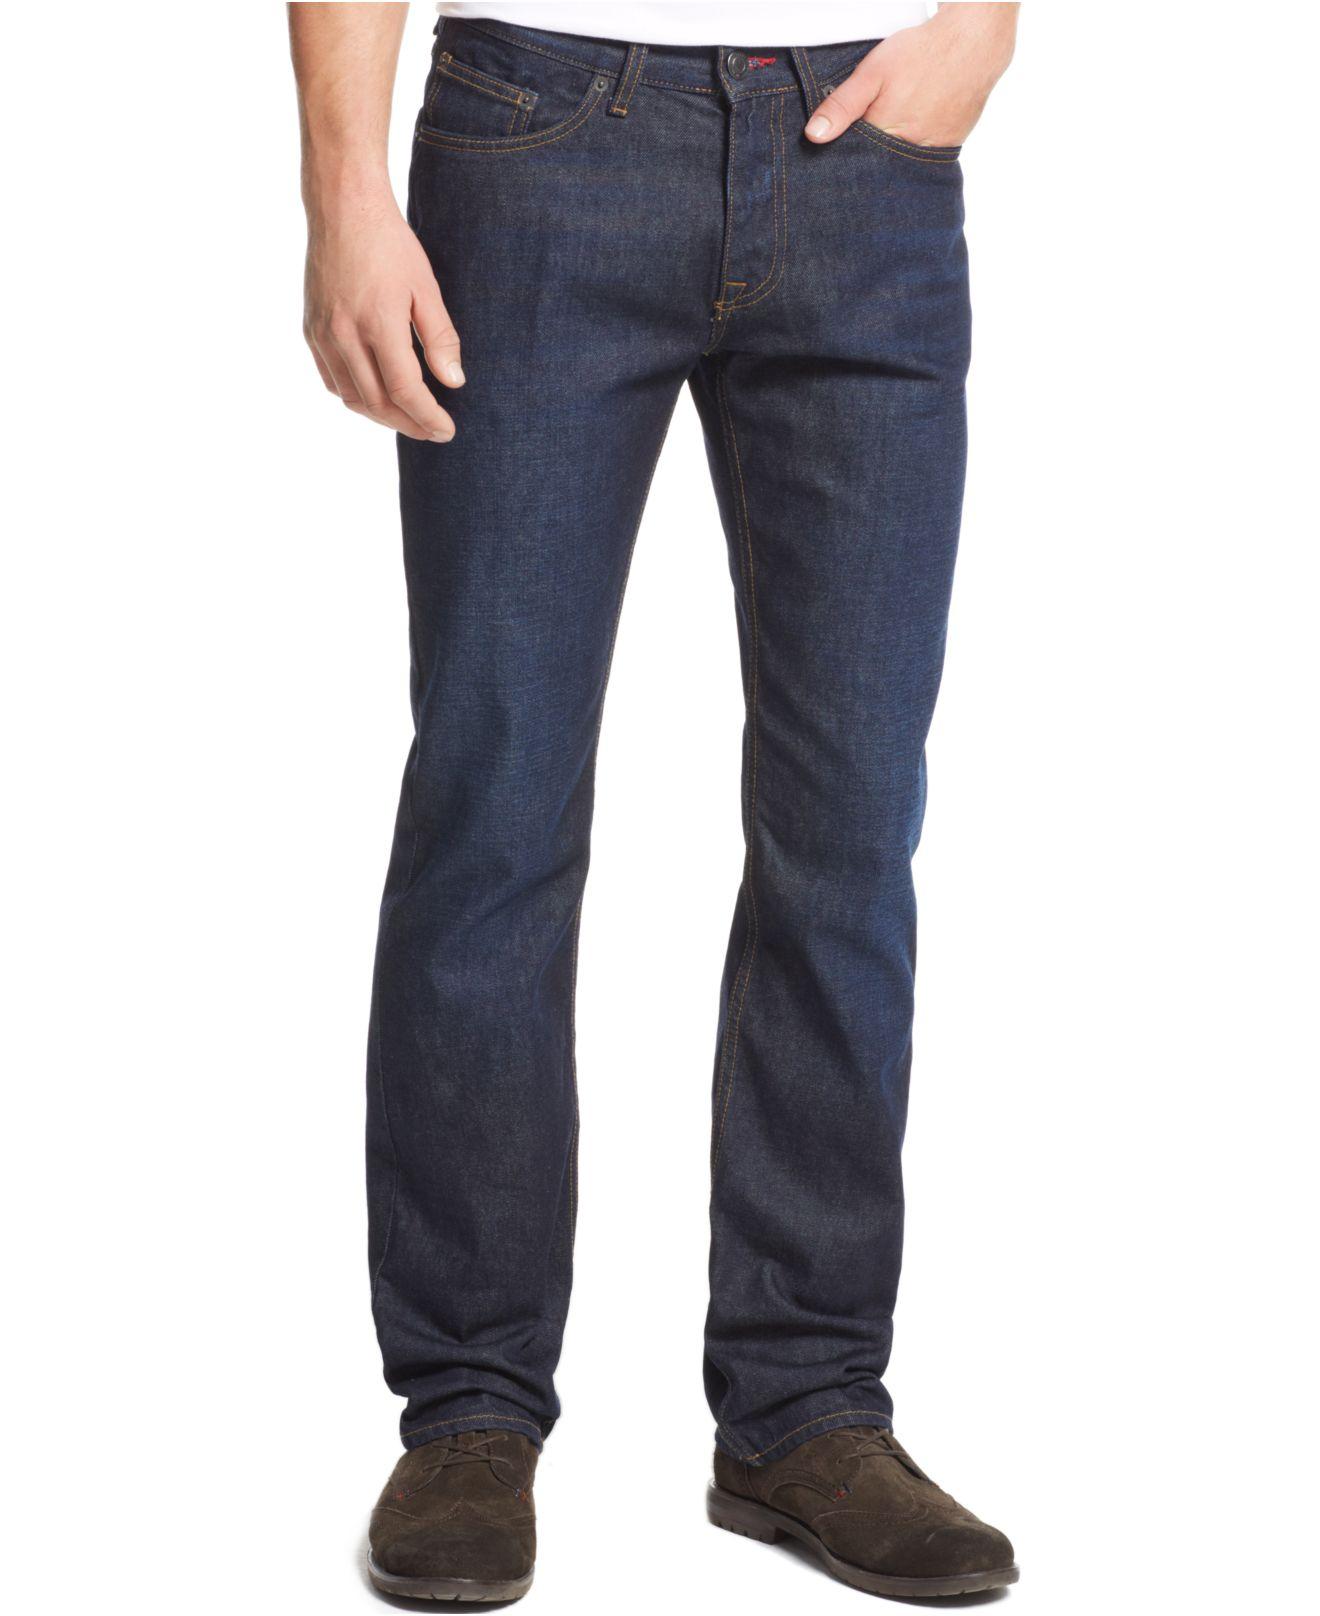 autorisierte Website retro neuer Stil & Luxus Mercer Jeans - Euro